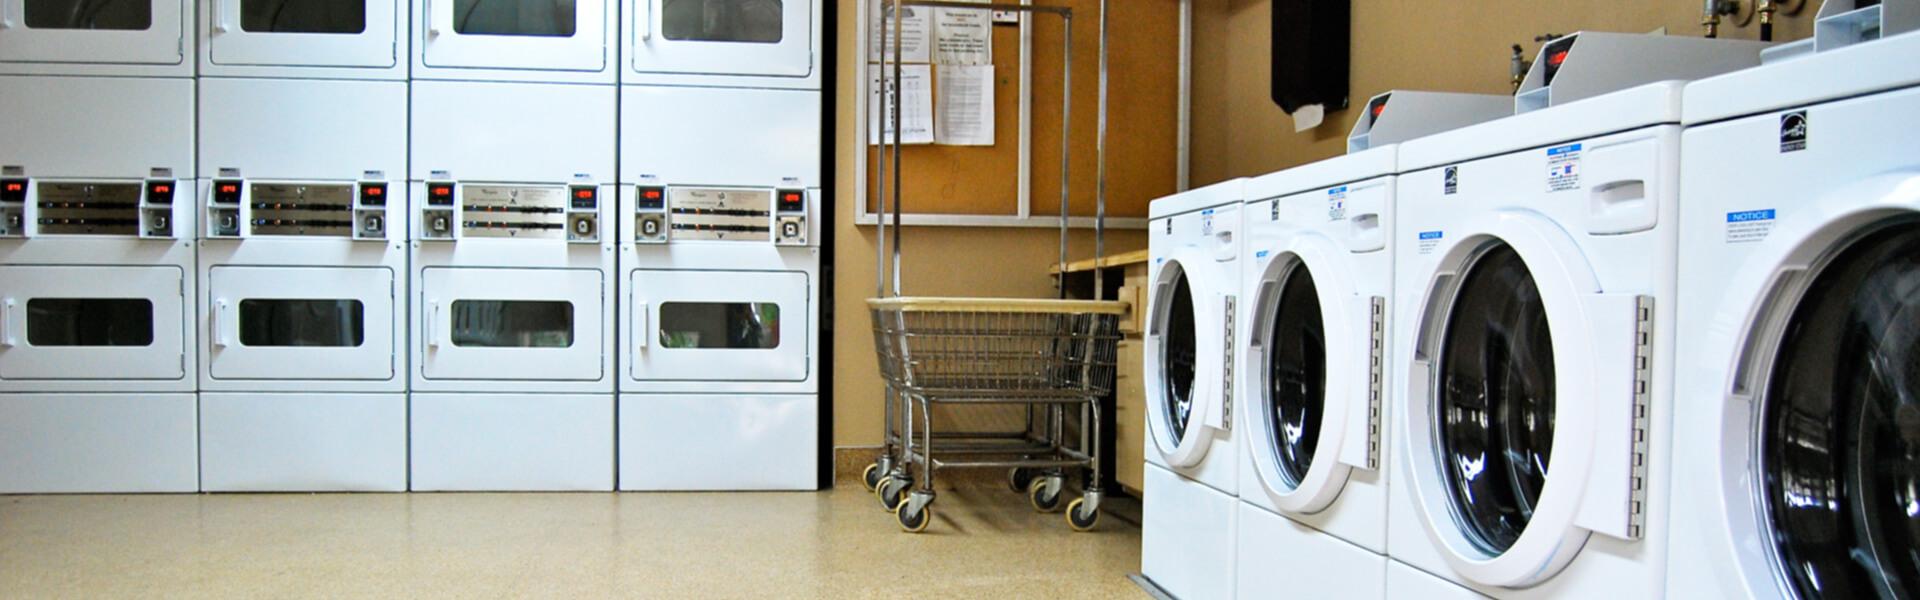 Laundry Slide